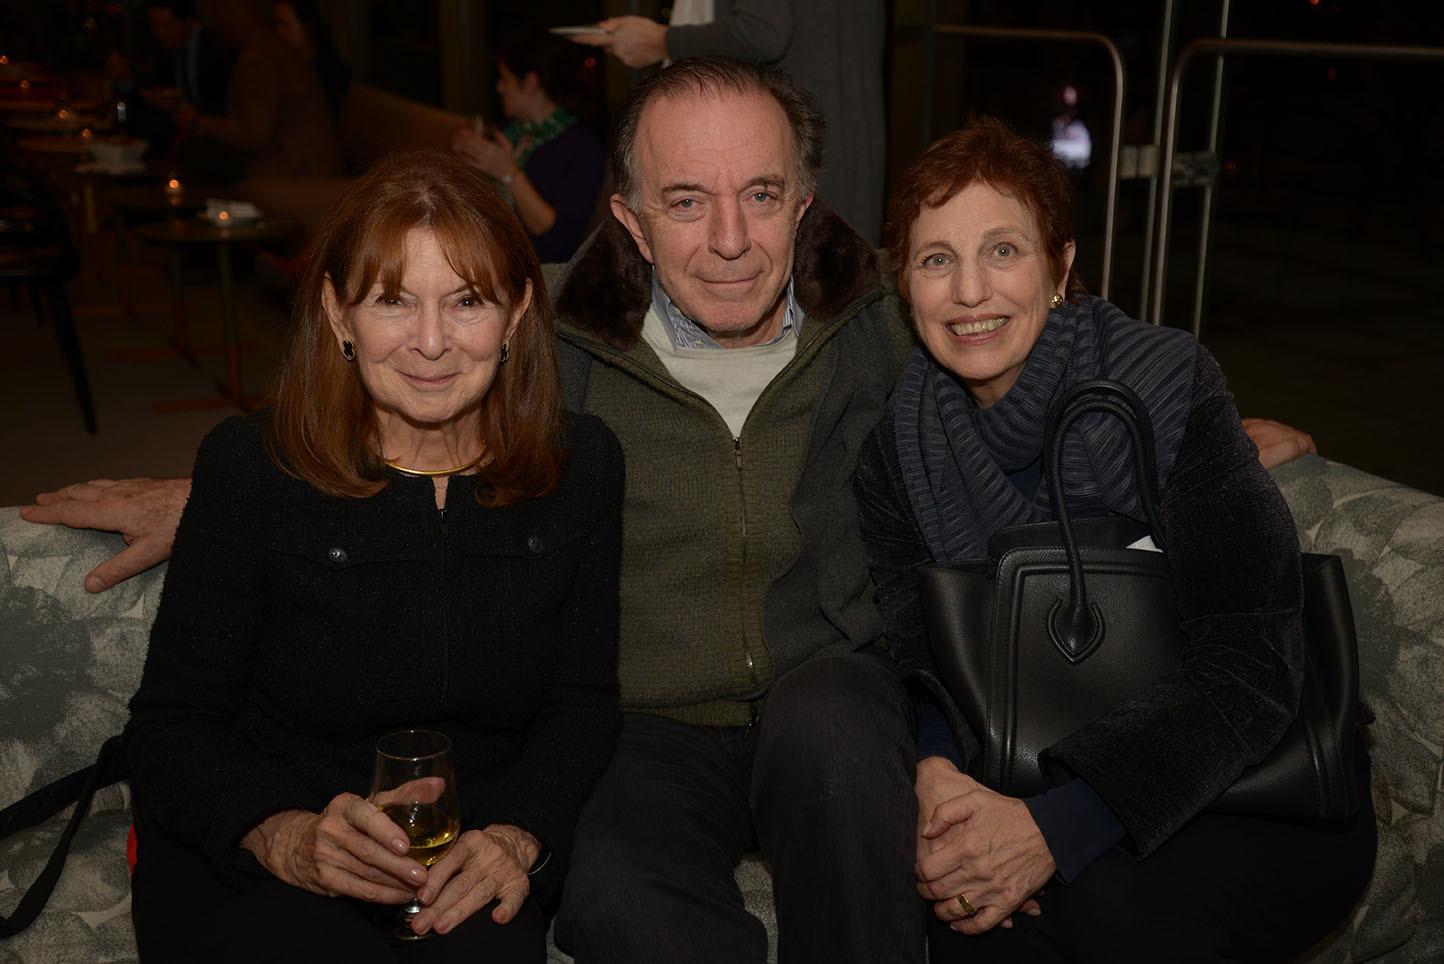 Board member Priscilla Kauff, Peter Klein, Phyllis Urman-Klein